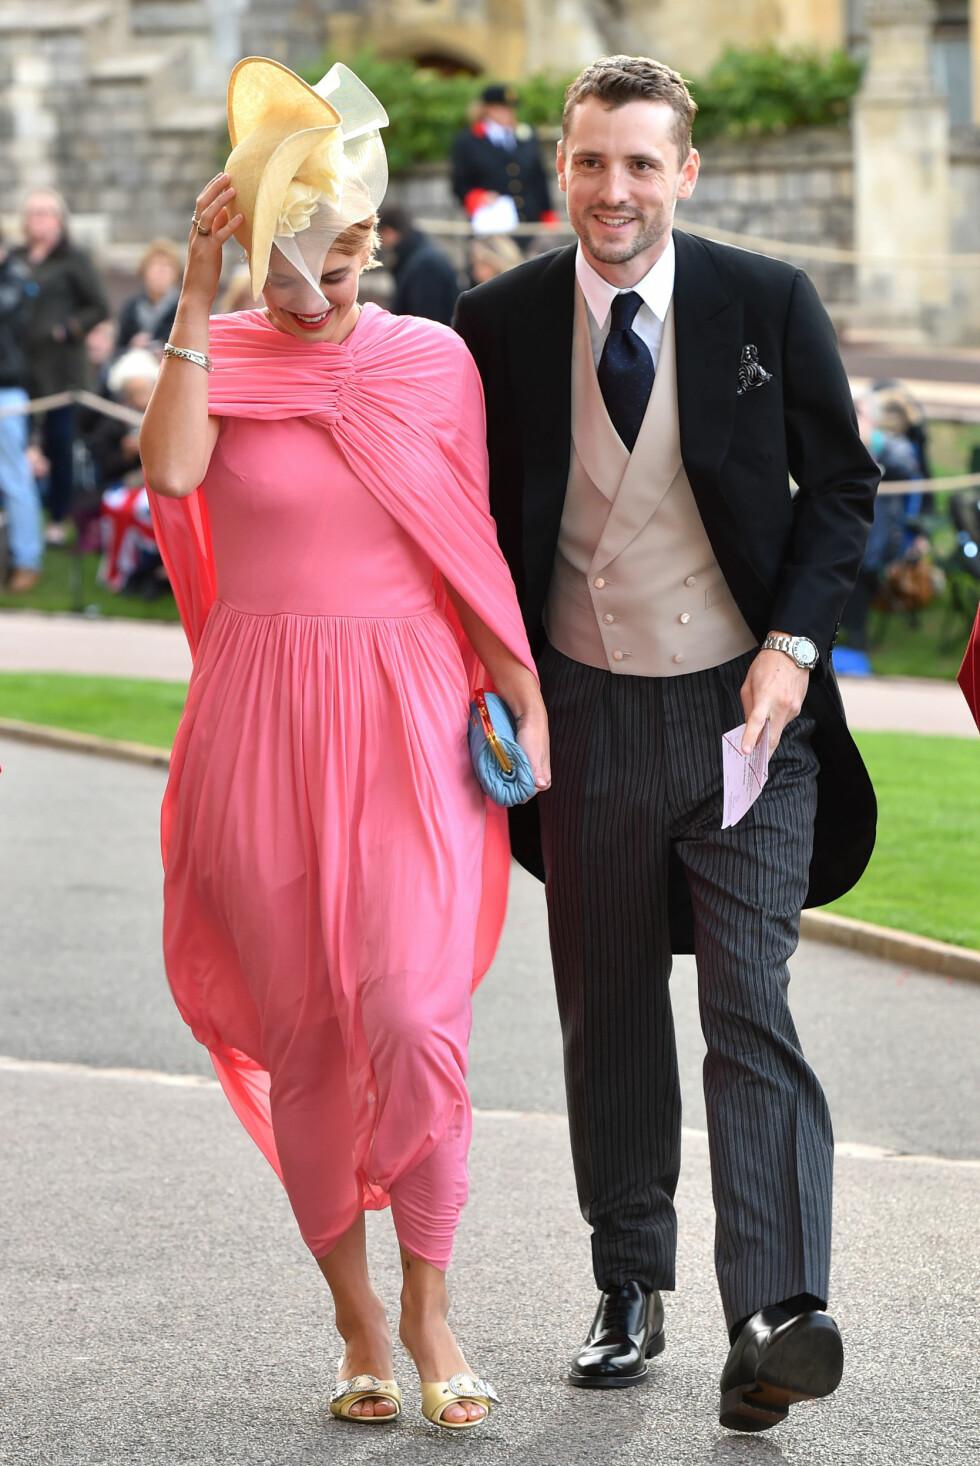 KONGELIG BRYLLUP: Modell Pixie Geldof med følge. FOTO: NTB Scanpix